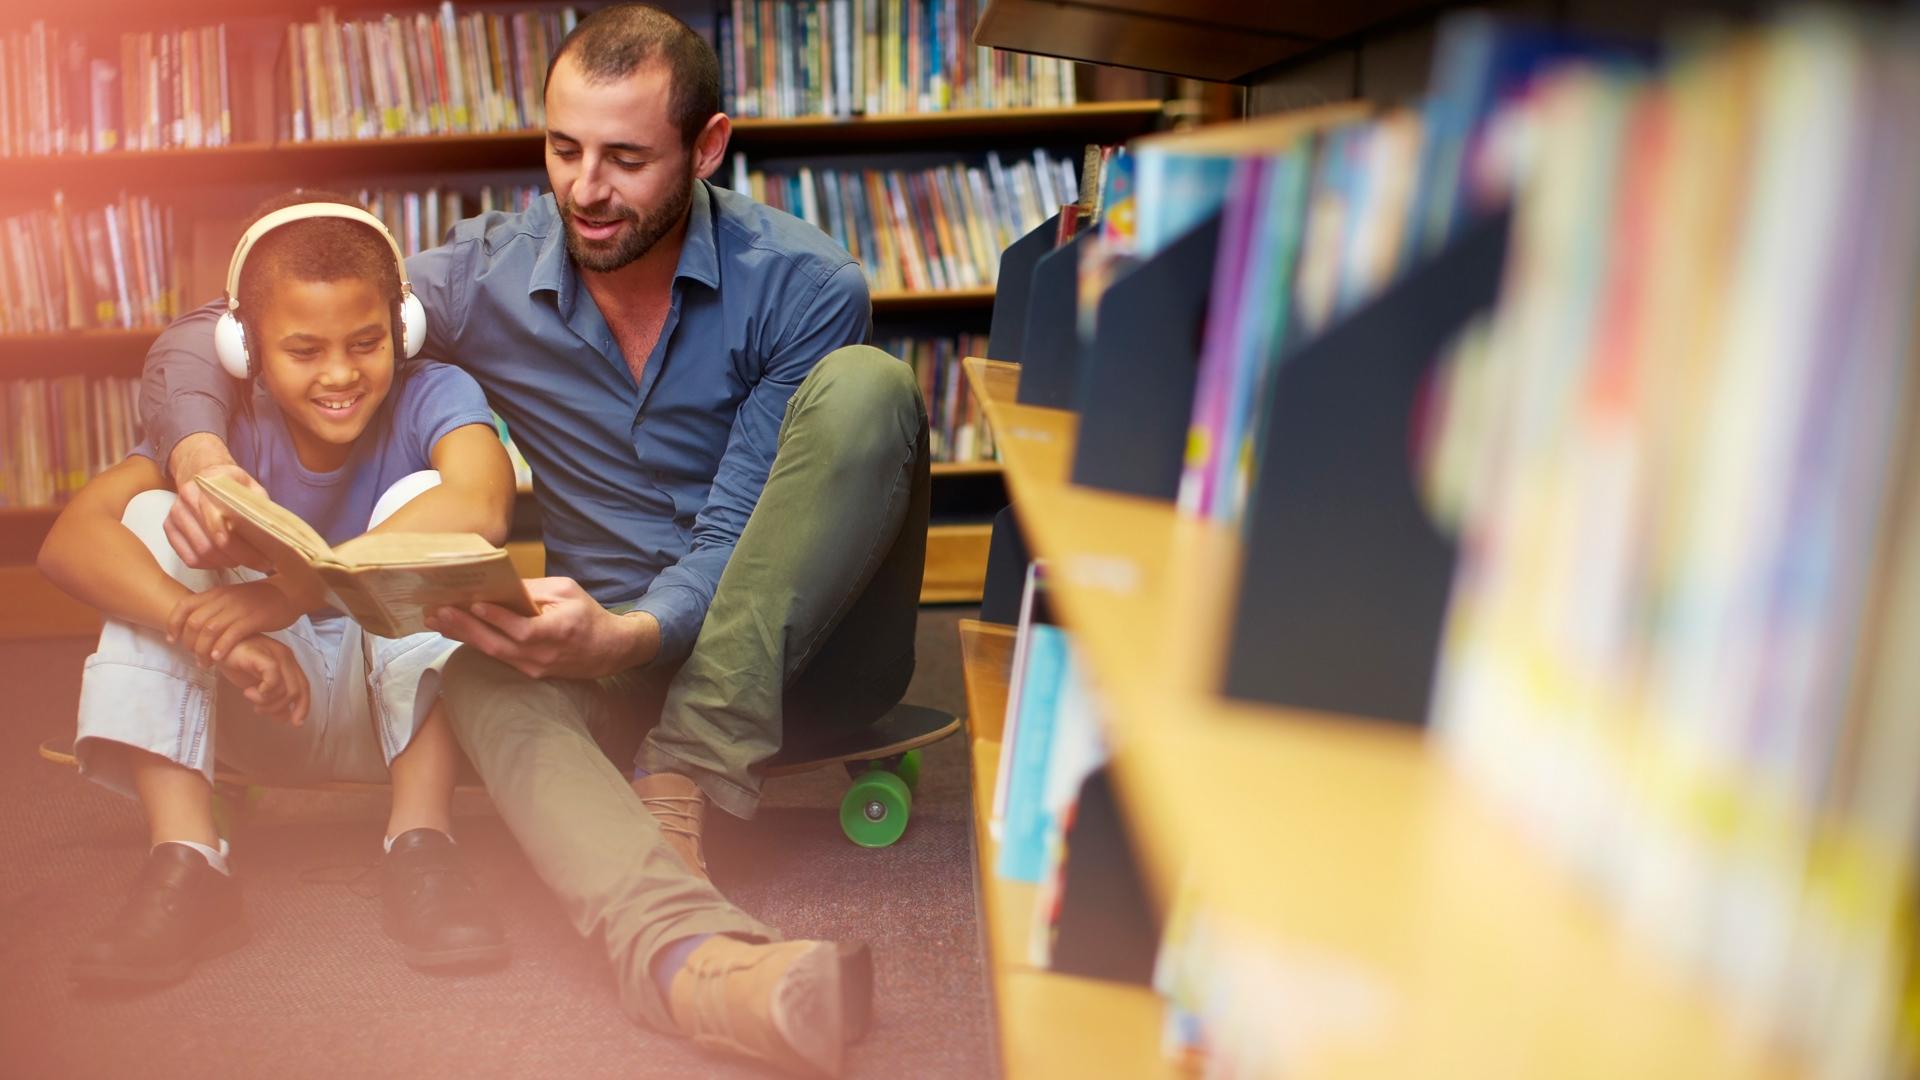 Ein junger Mann und ein Junge sitzen nebeneinander auf dem Boden einer Bibliothek.